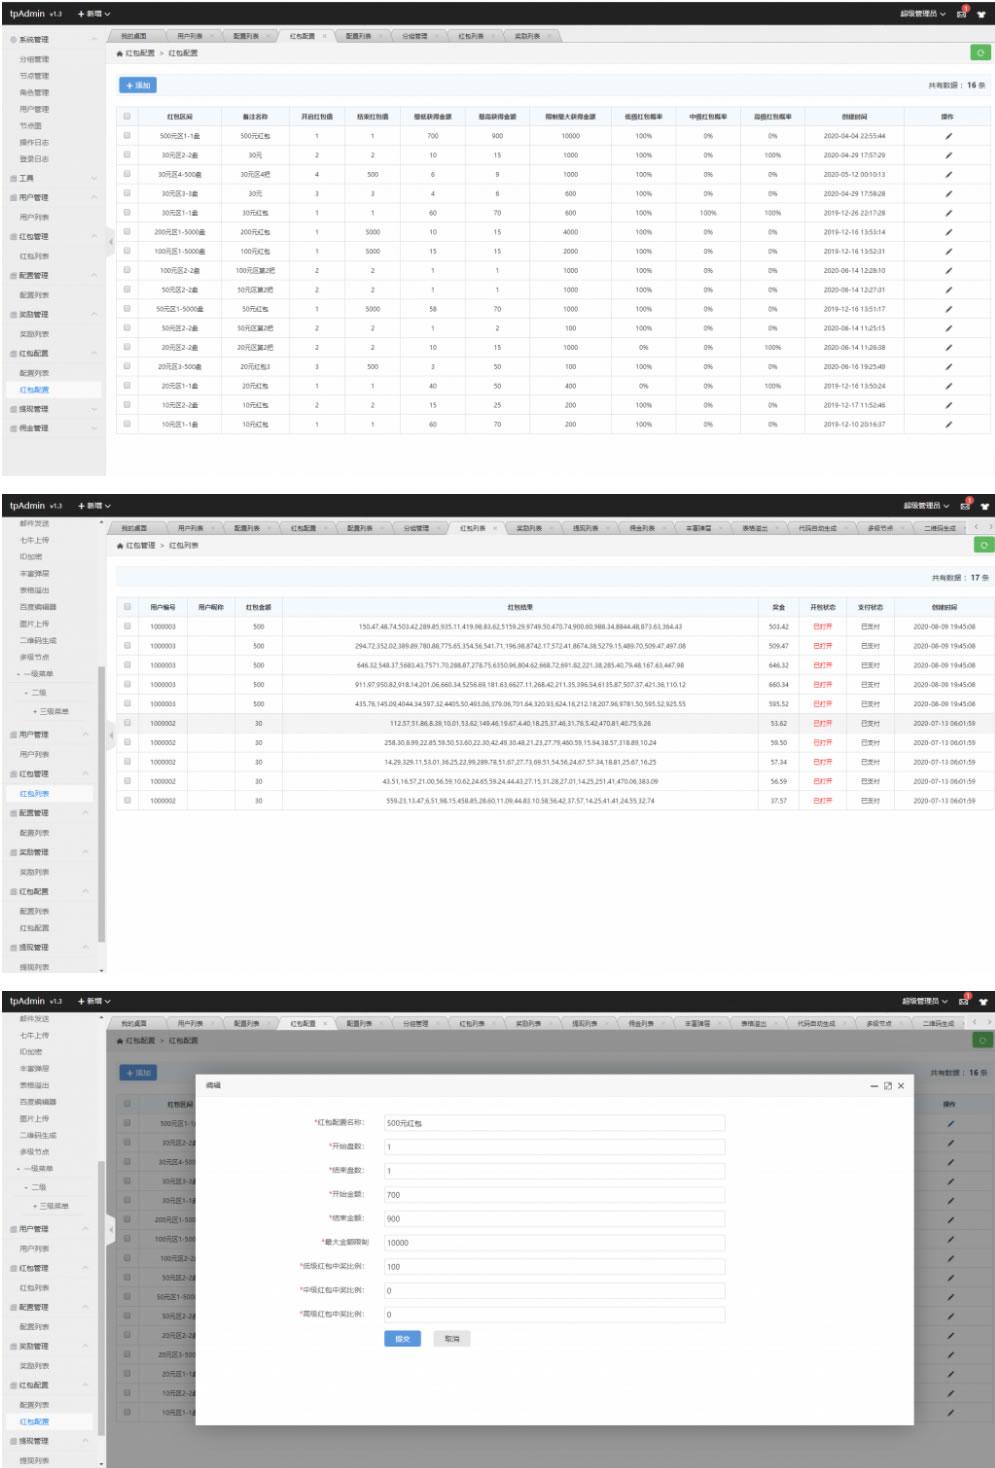 【独家首发】亲测最新更新8月红包互换完整运行源码+功能完善,推广+团队等齐全 第2张